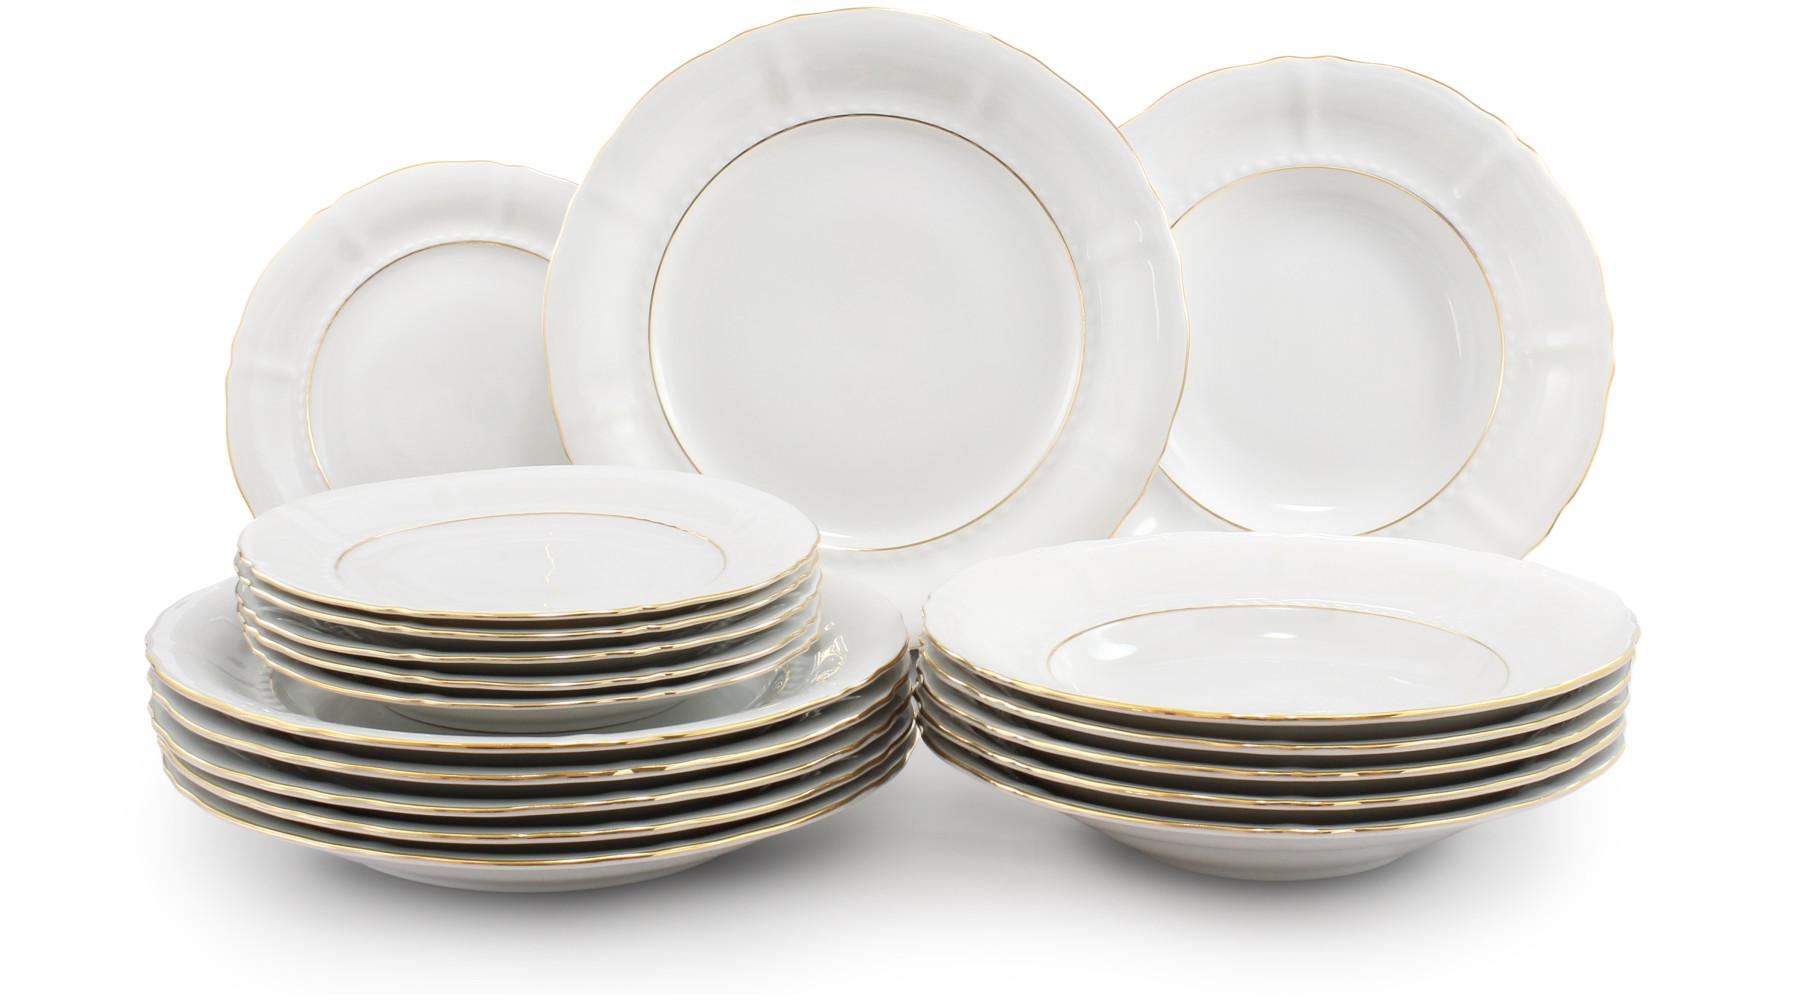 Plate set 18-piece - Golden line